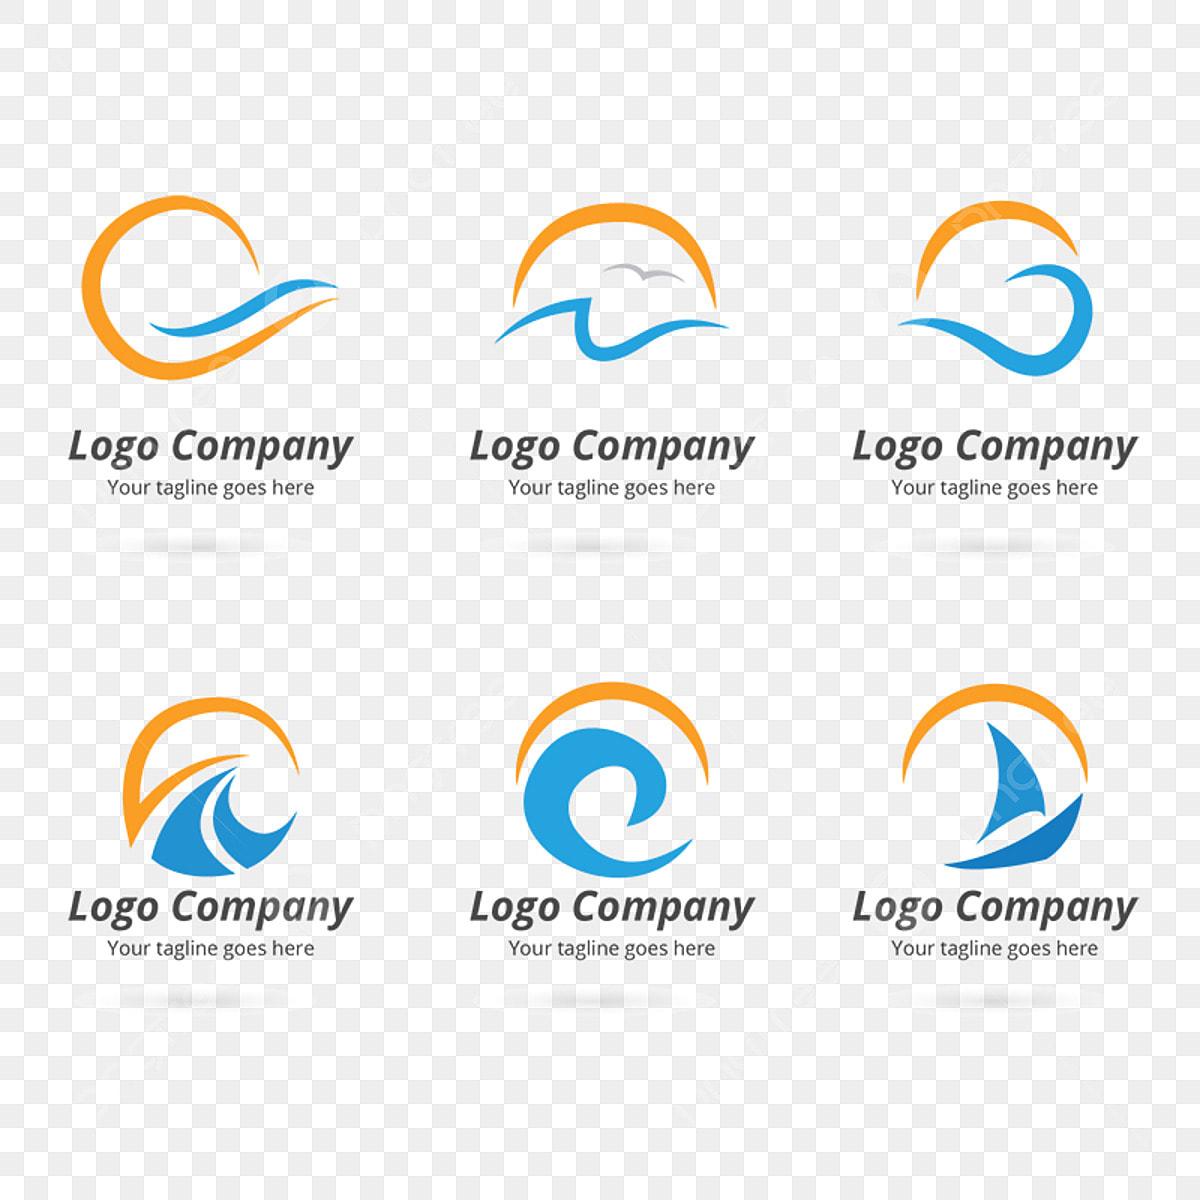 جمع شعار الشركة جمع شعار شركة تصميم و خمر الشعارات التجارية